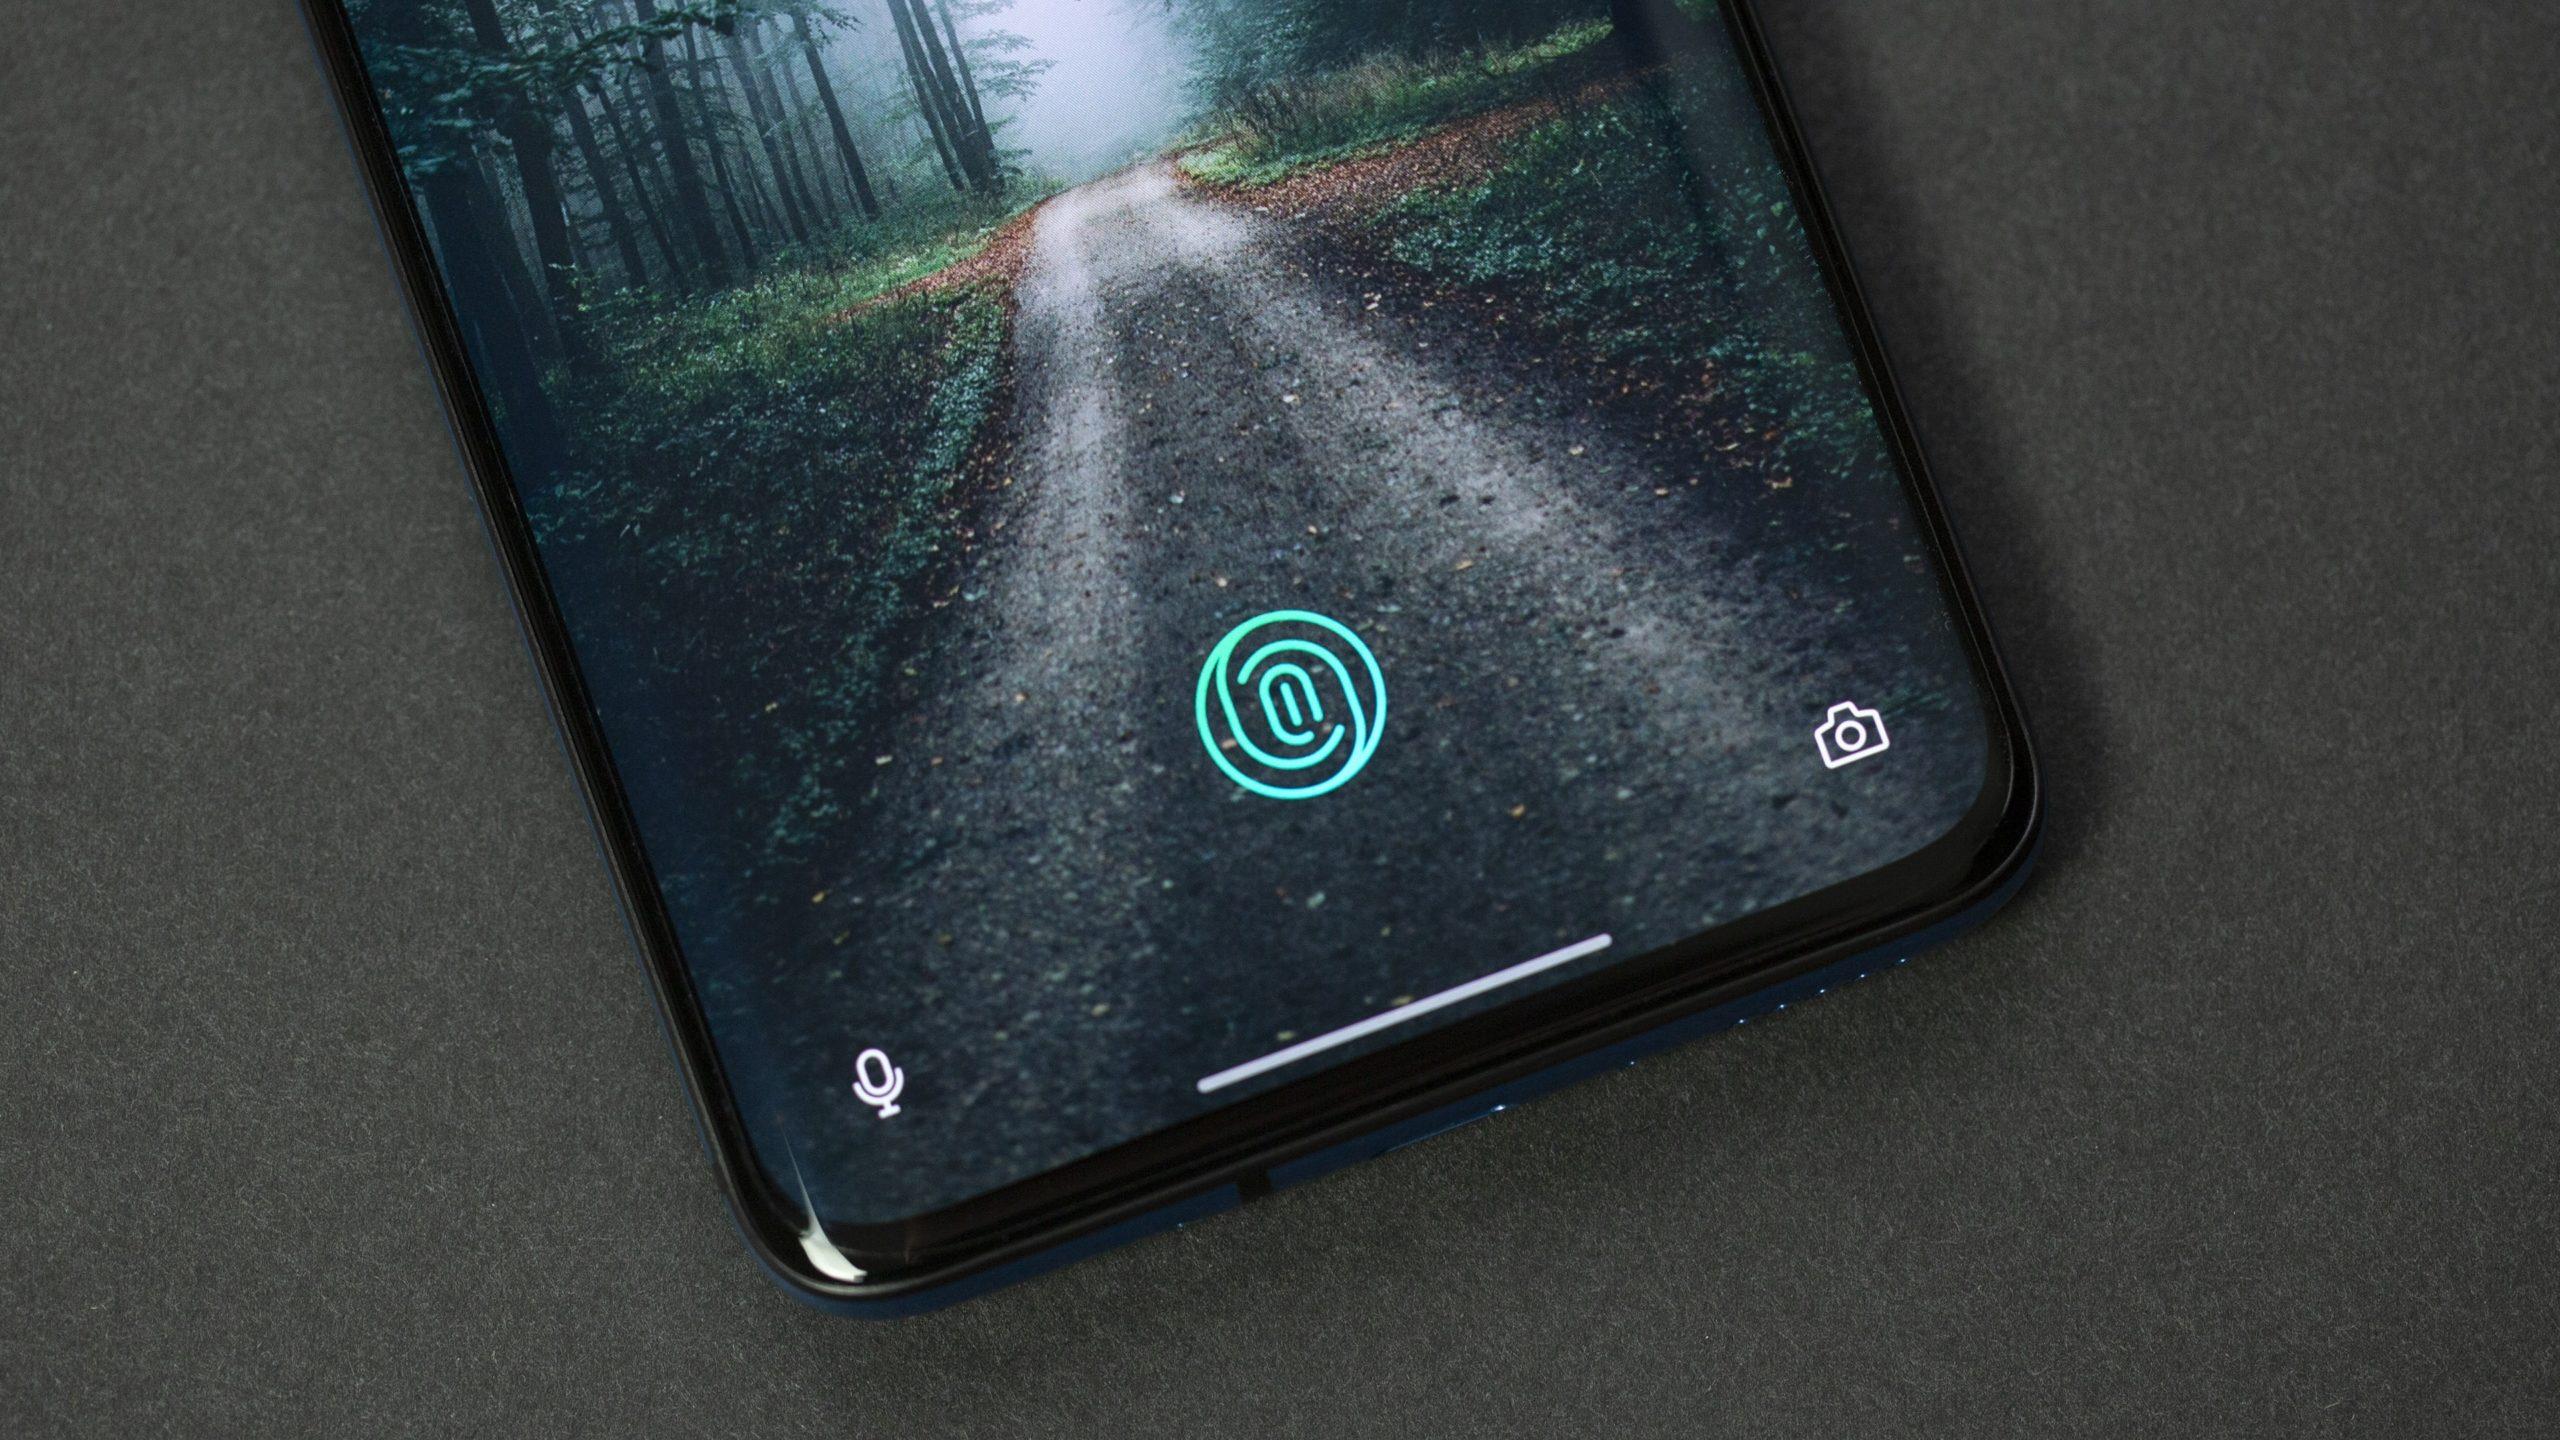 OnePlus 7T – On screen fingerprint reader